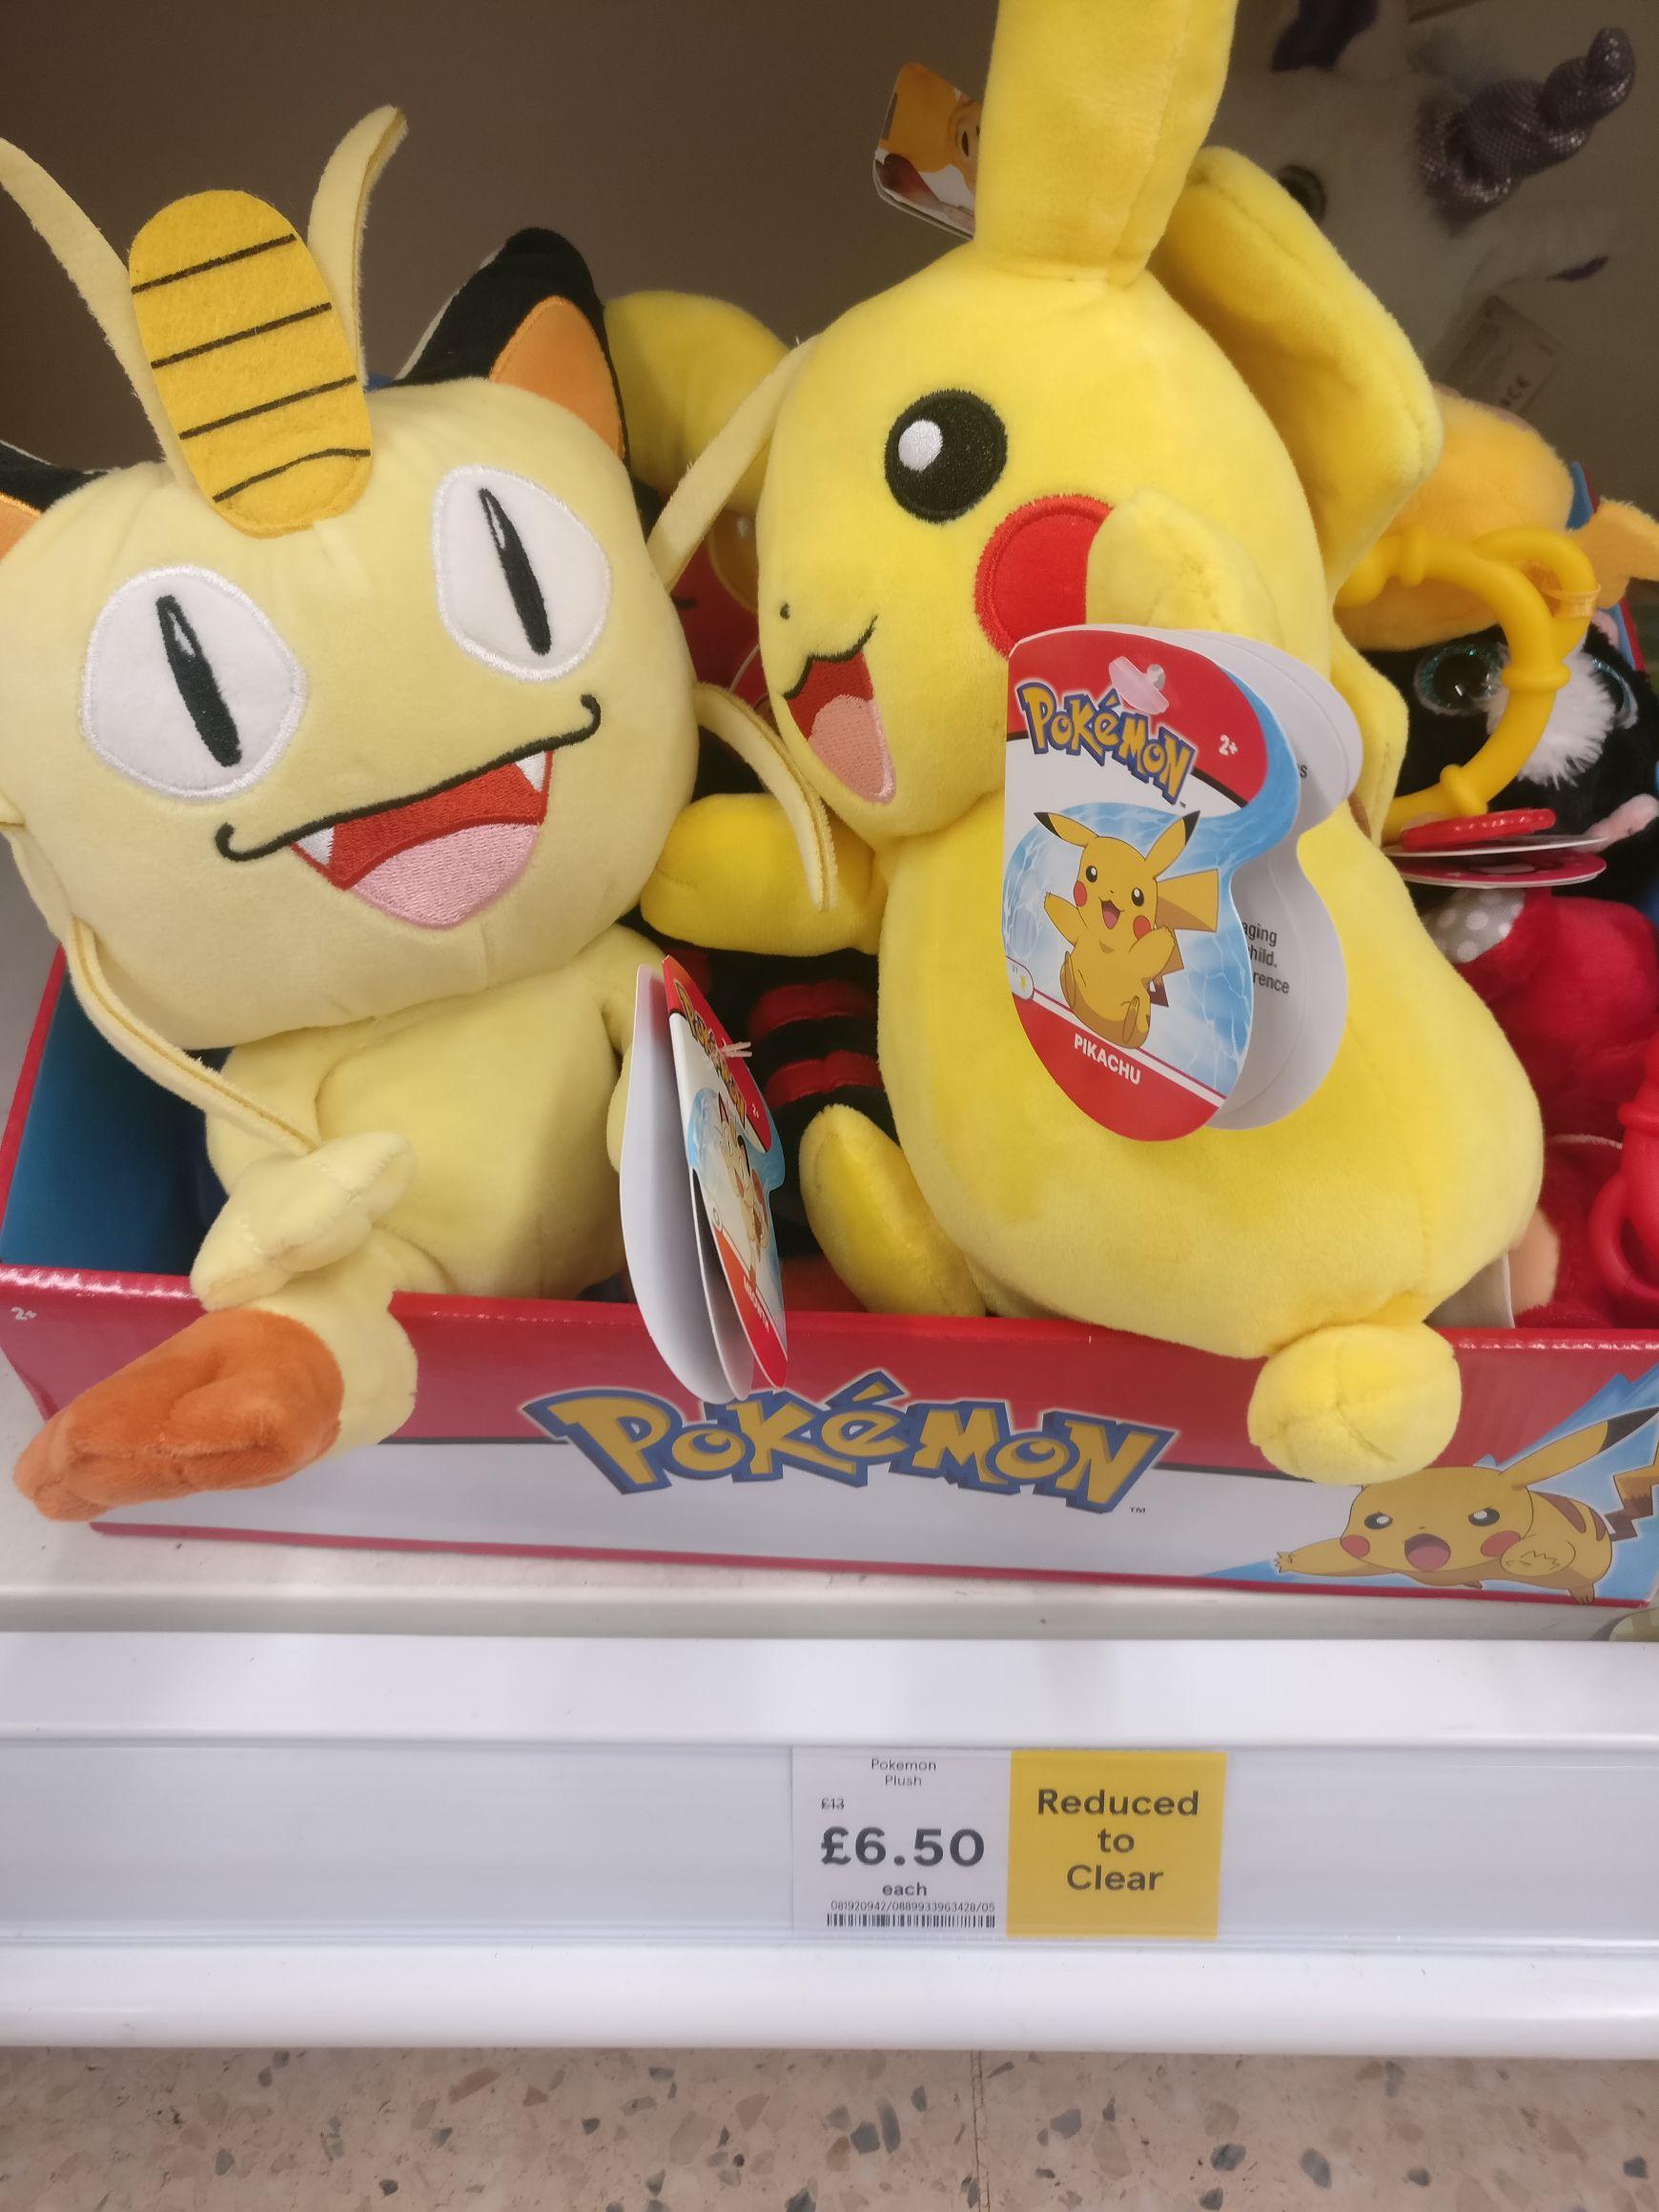 Pokemon plush toy £6.50 @ Tesco instore